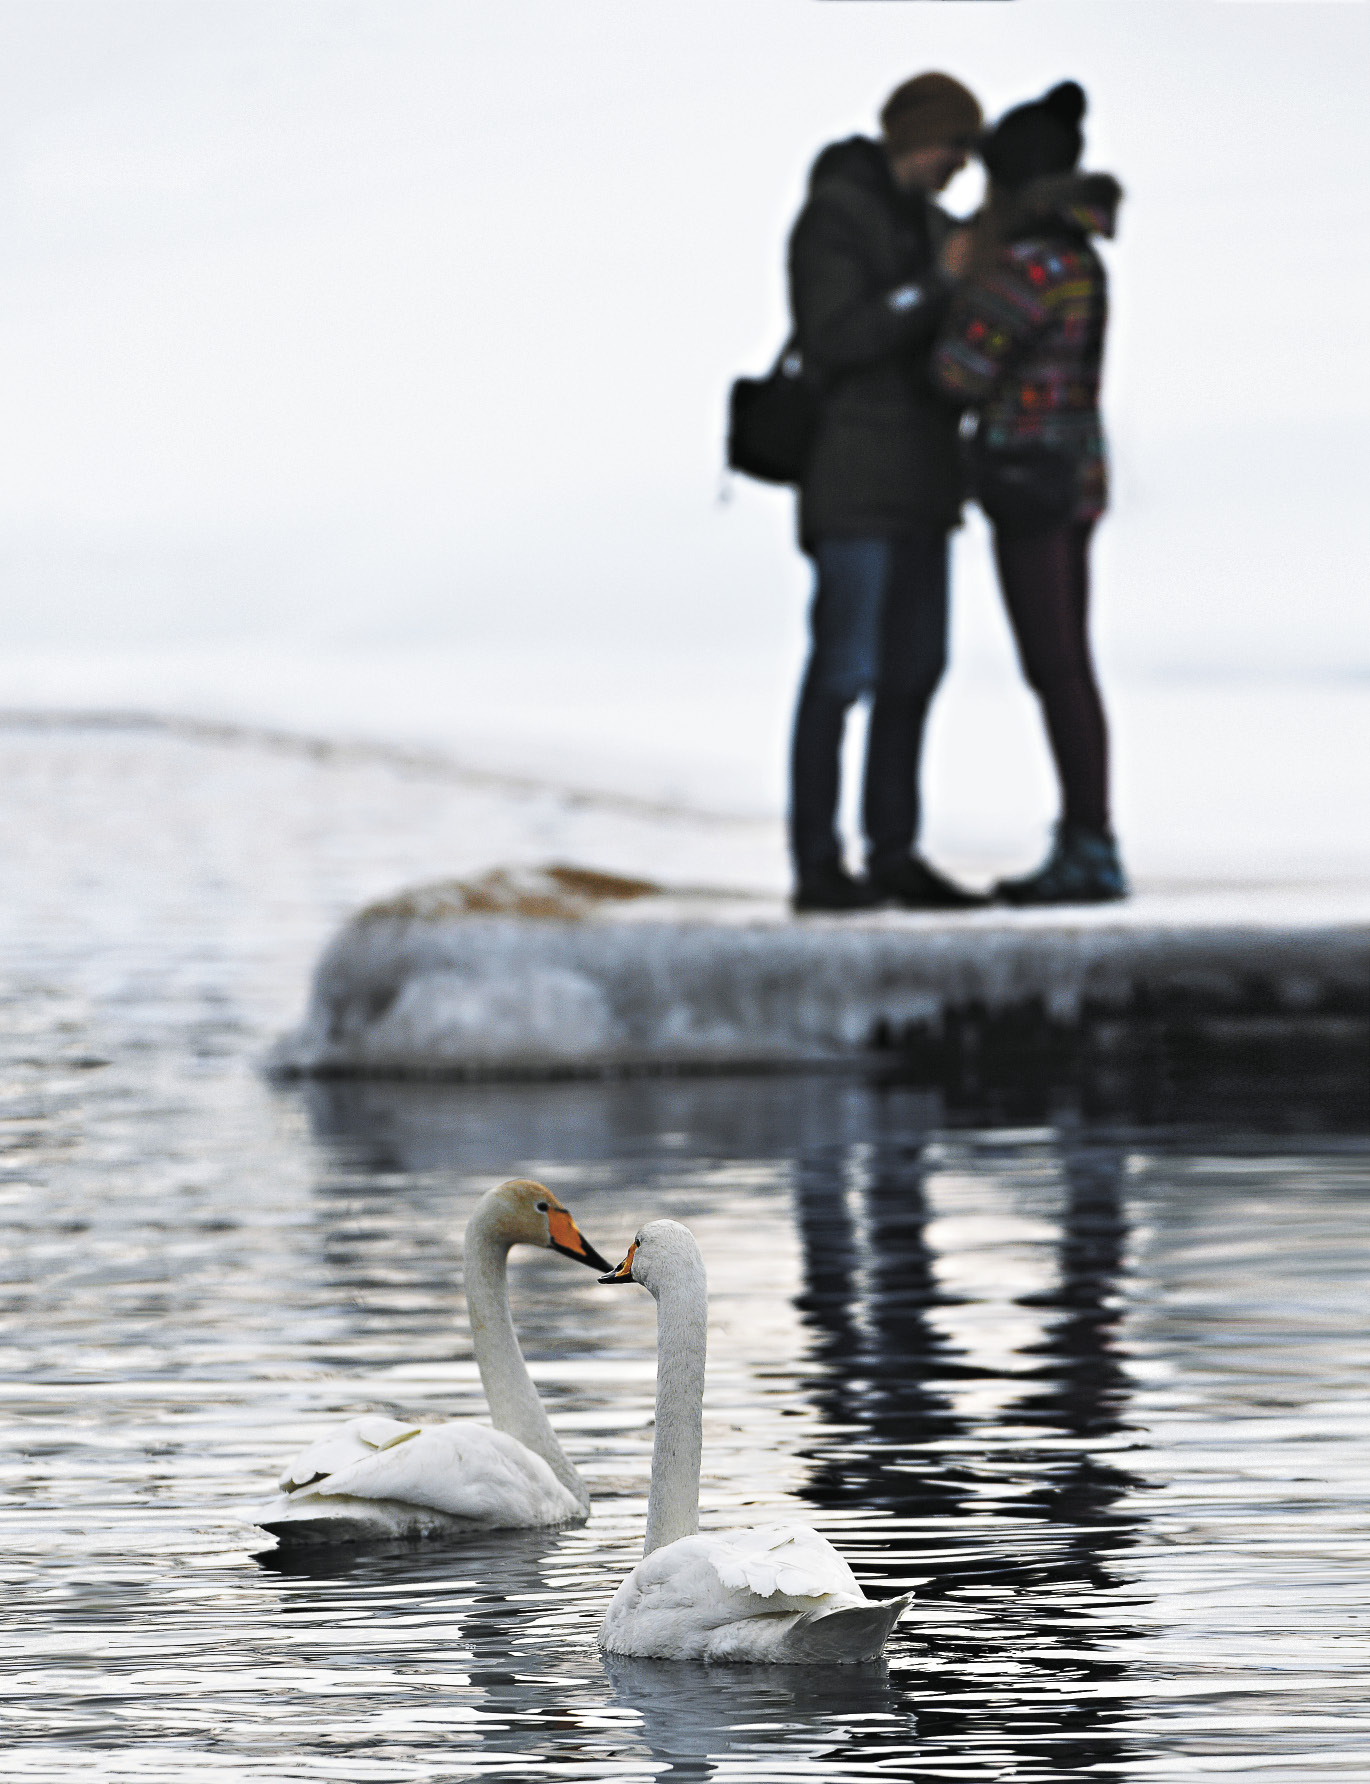 Лебеди-кликуны моногамны: птицы образуют пары на всю жизнь, причем повторный «брак» особи возможен только в случае гибели партнера. Зимуют пары вместе.